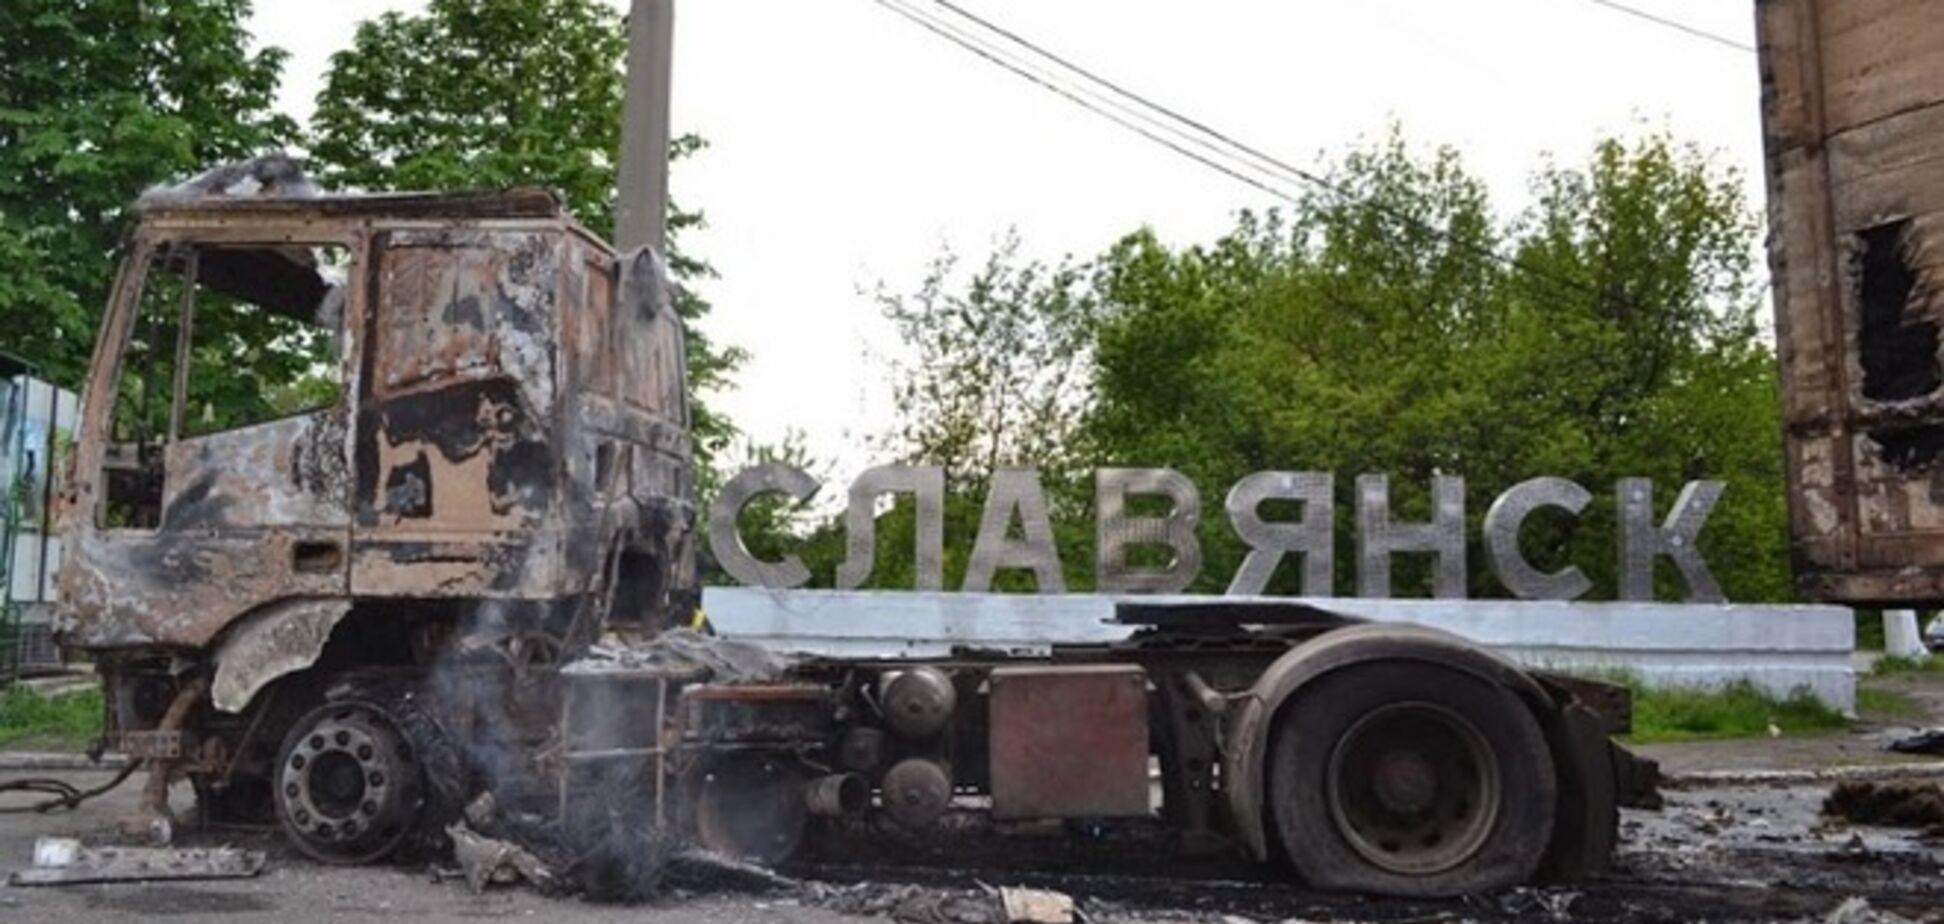 В Славянске обнаружено три массовых захоронения, тела эксгумируют